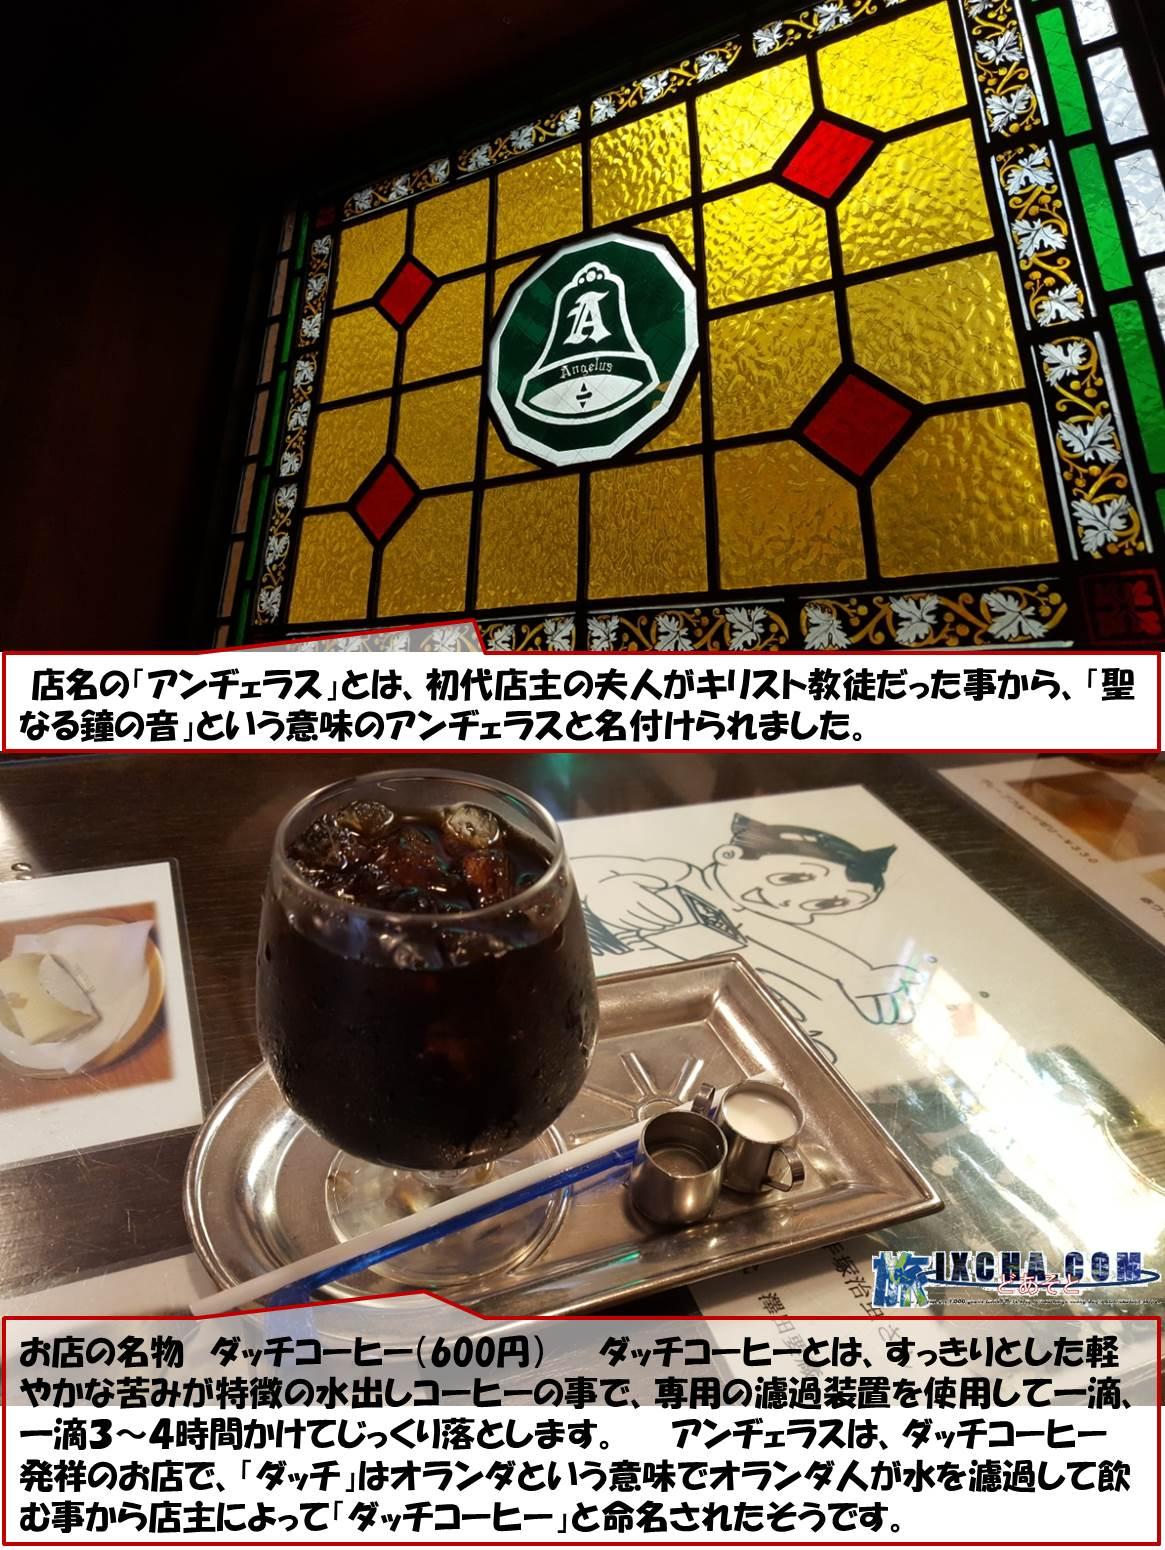 店名の「アンヂェラス」とは、初代店主の夫人がキリスト教徒だった事から、「聖なる鐘の音」という意味のアンヂェラスと名付けられました。 お店の名物 ダッチコーヒー(600円)  ダッチコーヒーとは、すっきりとした軽やかな苦みが特徴の水出しコーヒーの事で、専用の濾過装置を使用して一滴、一滴3~4時間かけてじっくり落とします。  アンヂェラスは、ダッチコーヒー発祥のお店で、「ダッチ」はオランダという意味でオランダ人が水を濾過して飲む事から店主によって「ダッチコーヒー」と命名されたそうです。